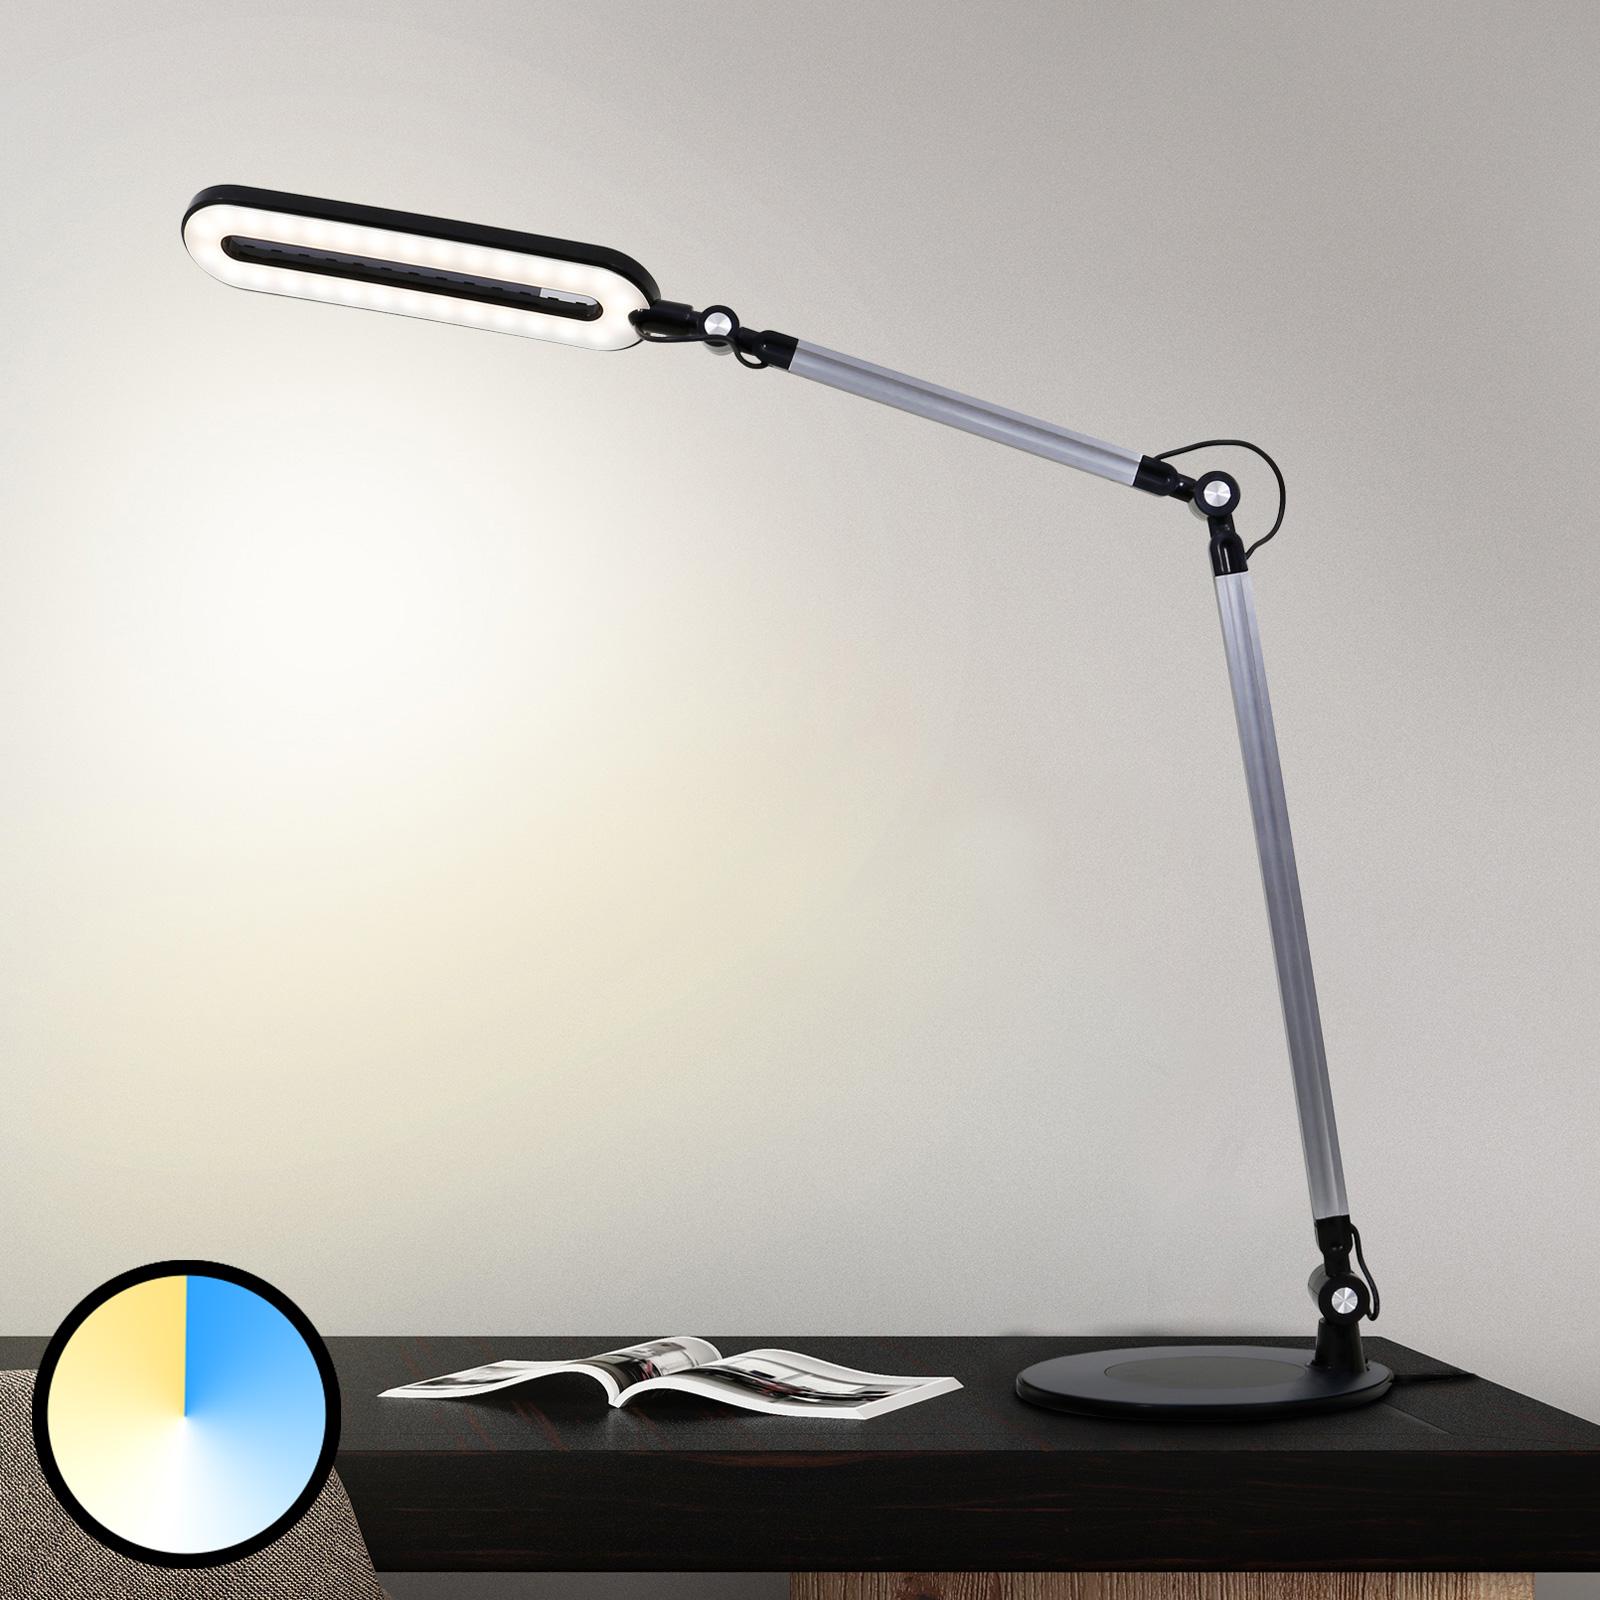 LED tafellamp 7509-015 met CCT-functie, dimbaar